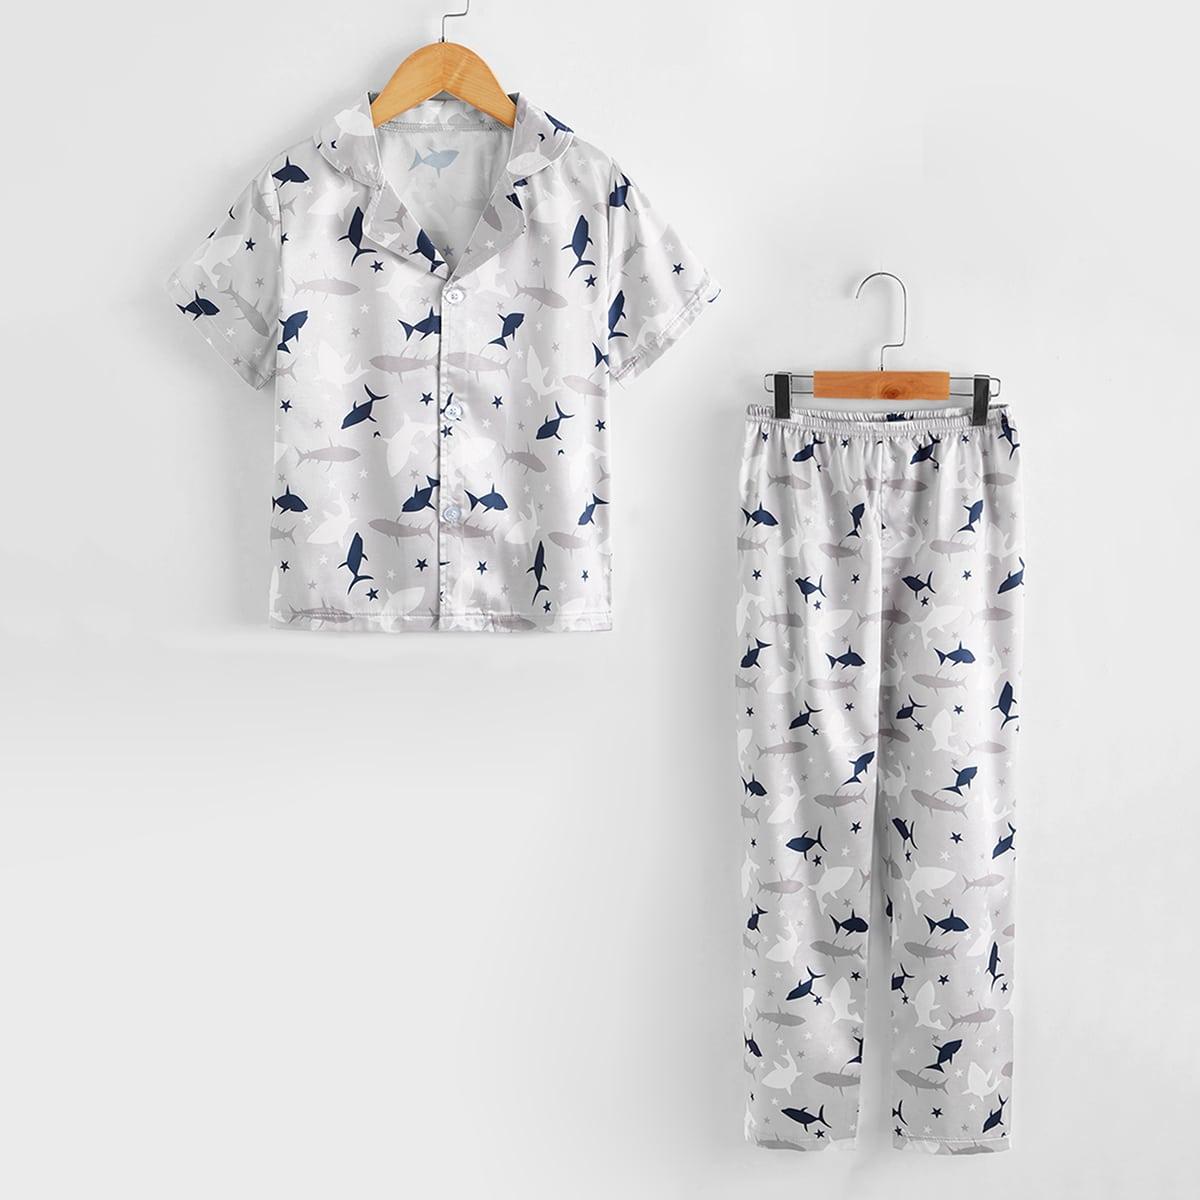 Пуговица Мультяшный принт милый Домашняя одежда для мальчиков